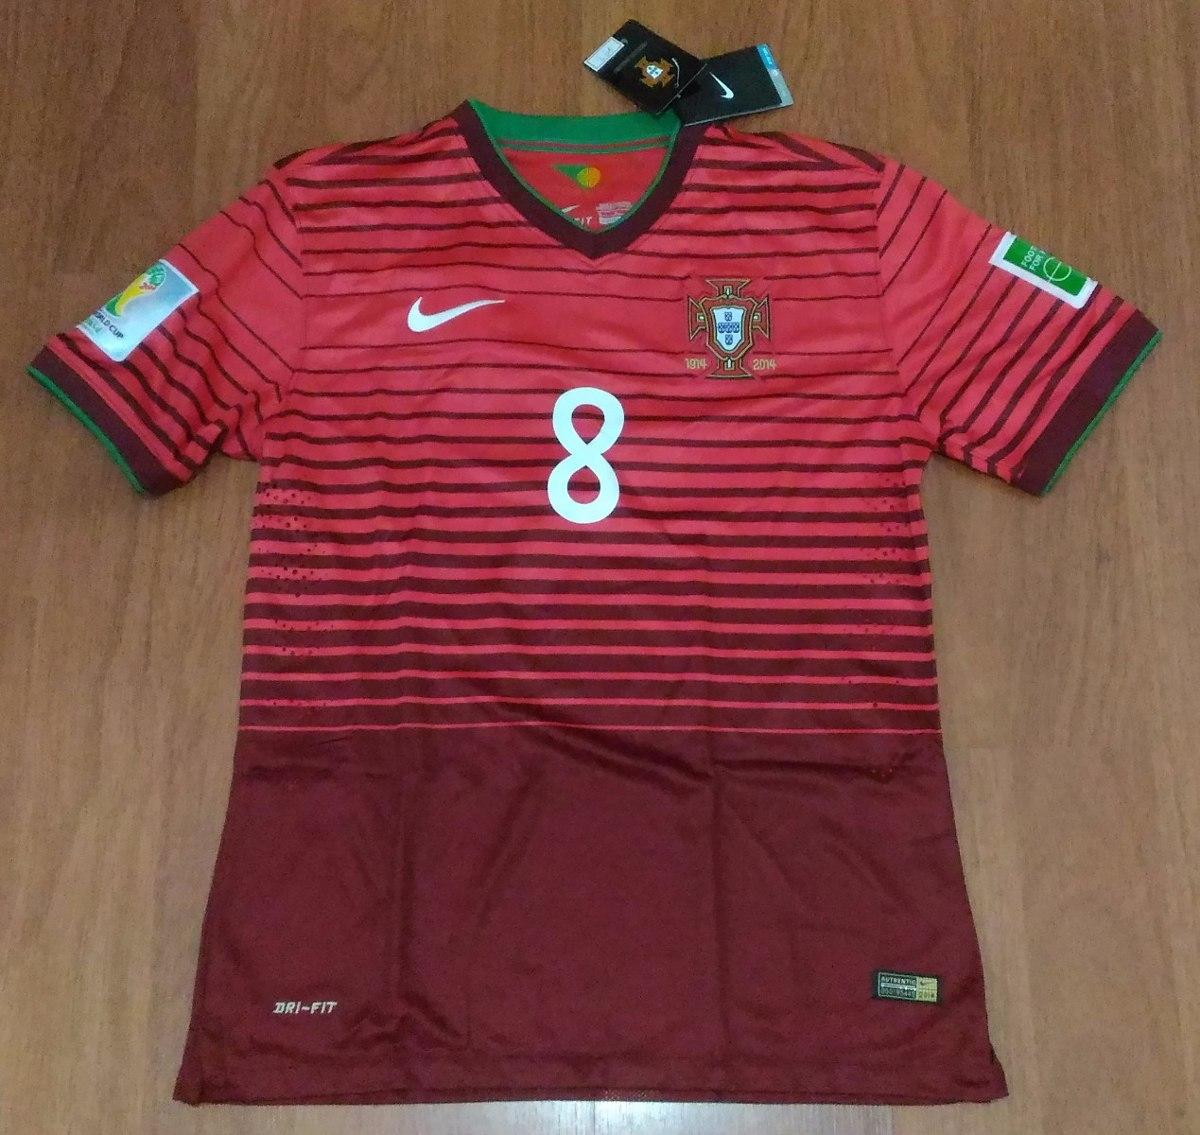 fb863a222a camisa oficial portugal copa do mundo 2014 nº8 m j. moutinho. Carregando  zoom.